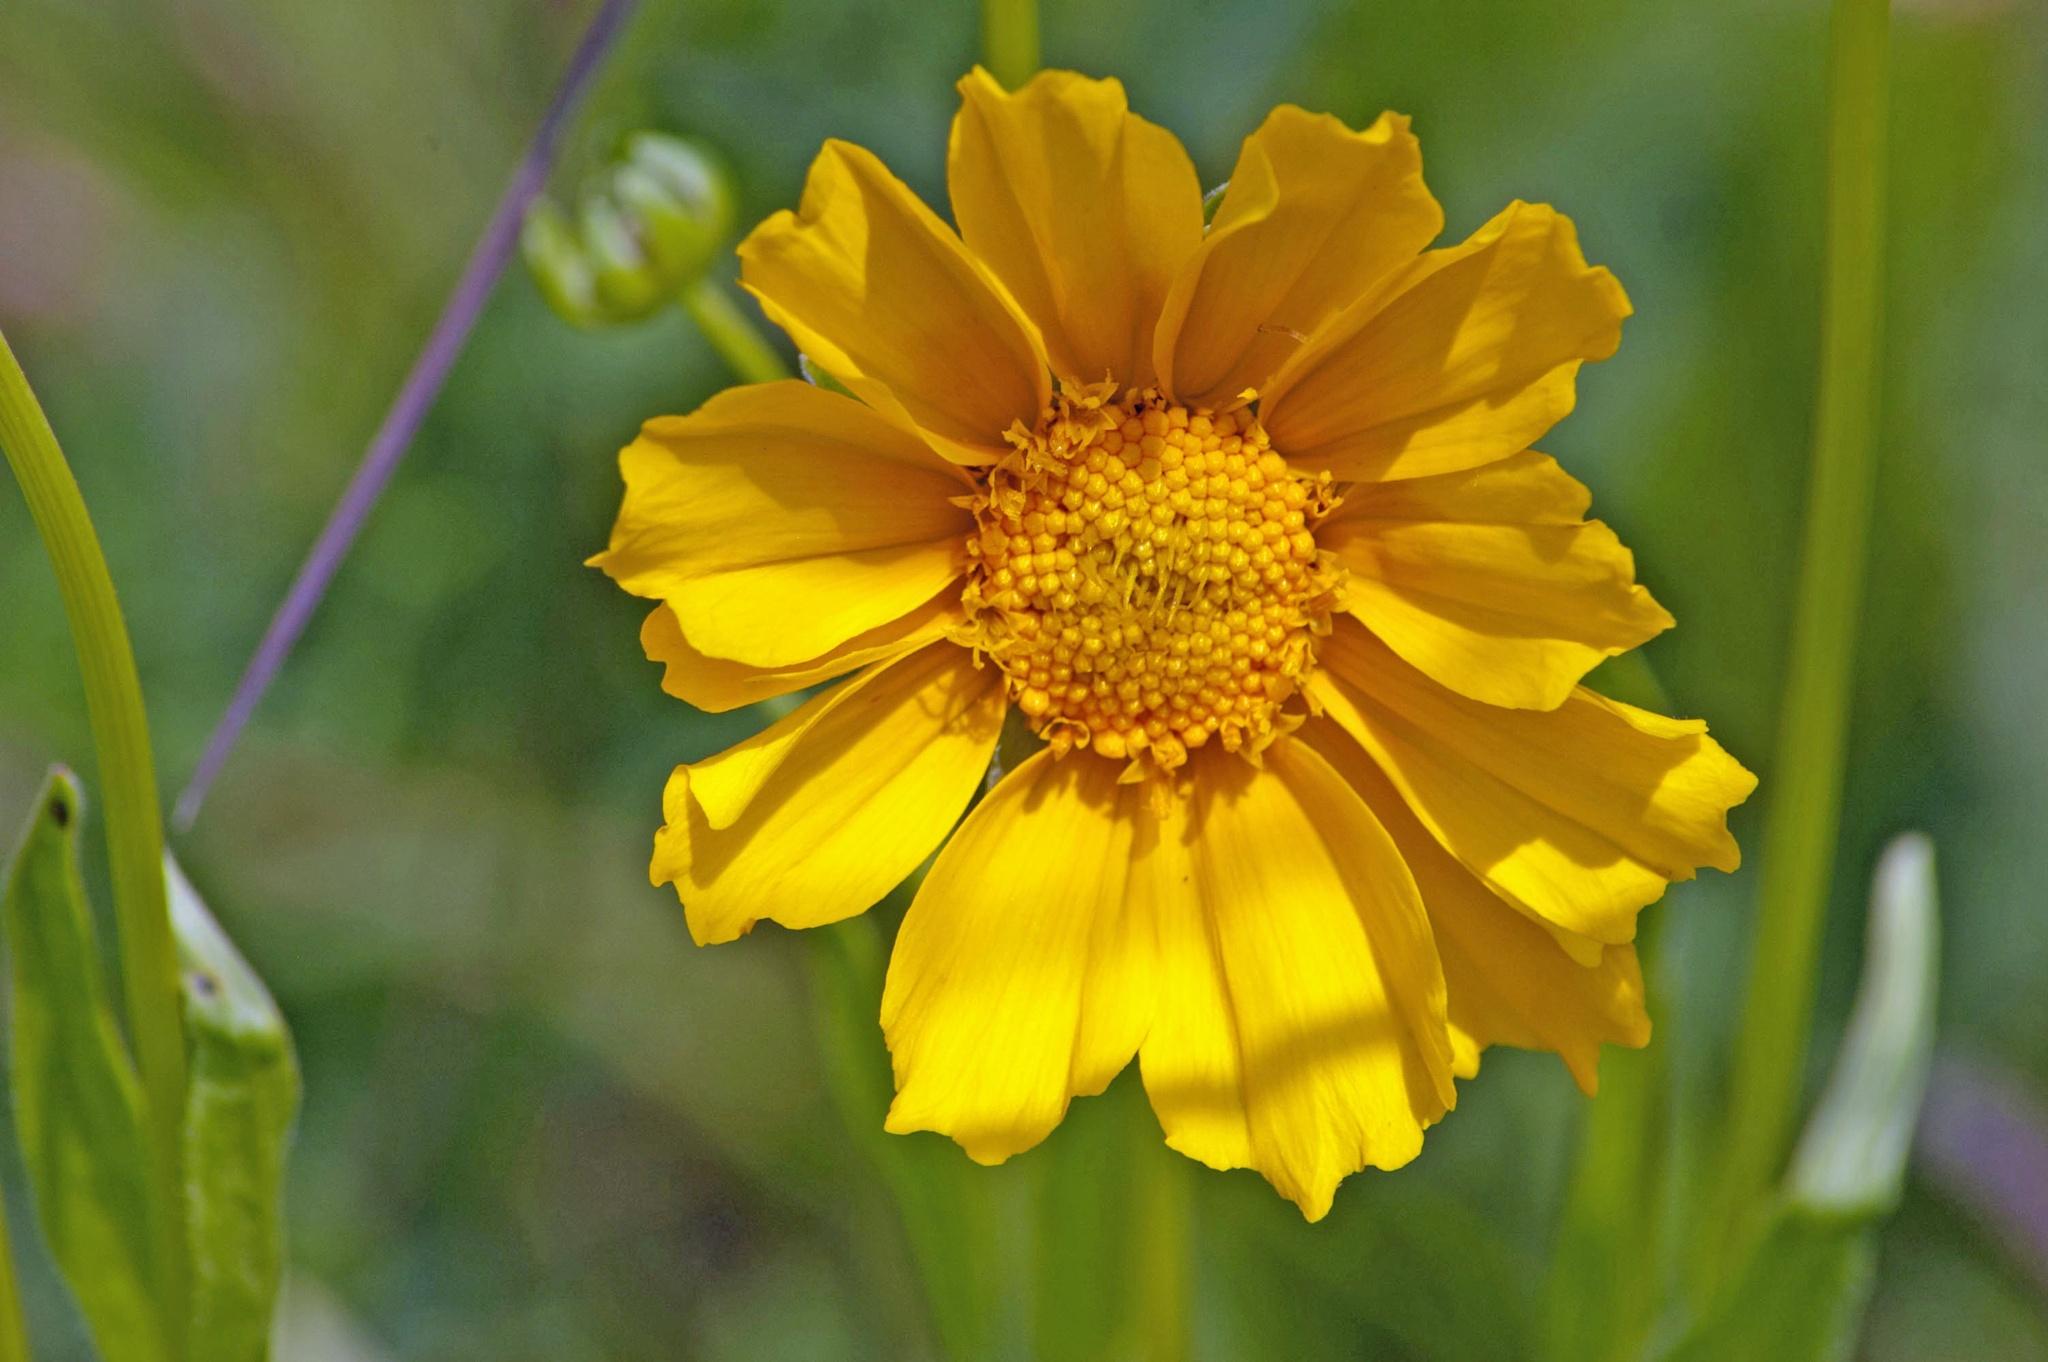 Sunflower 4 by Brady Williams